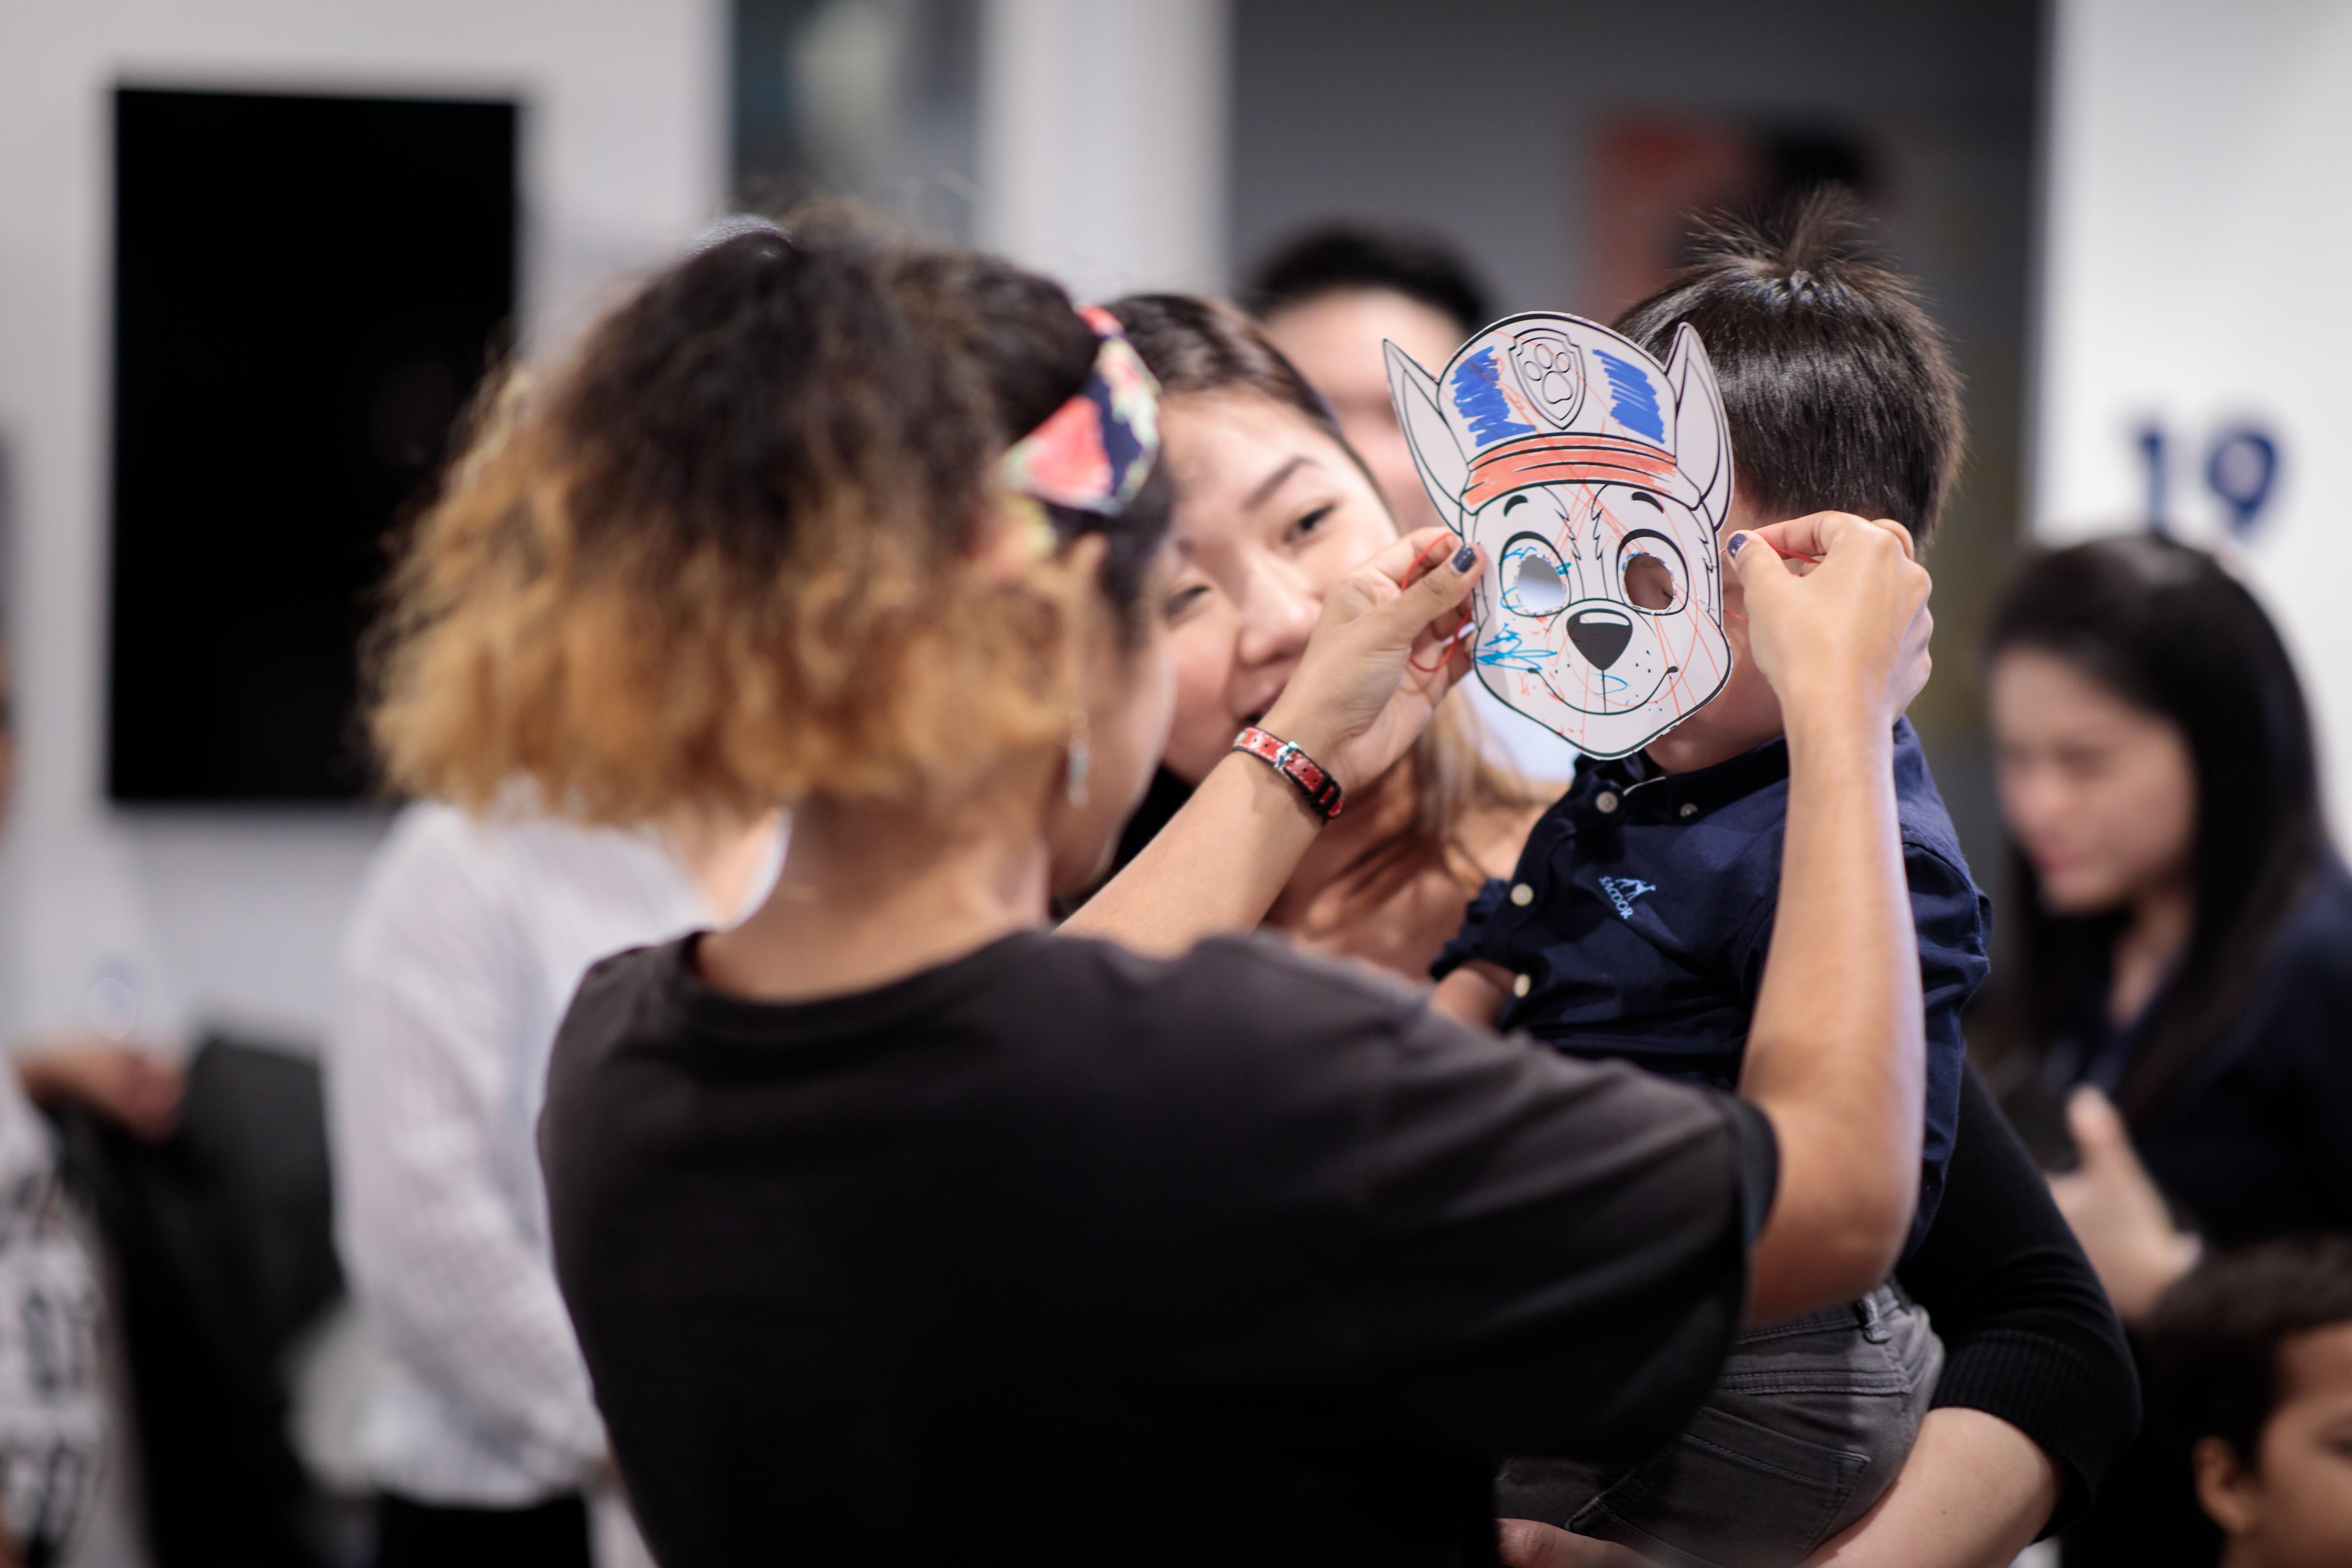 Making Paw Patrol masks